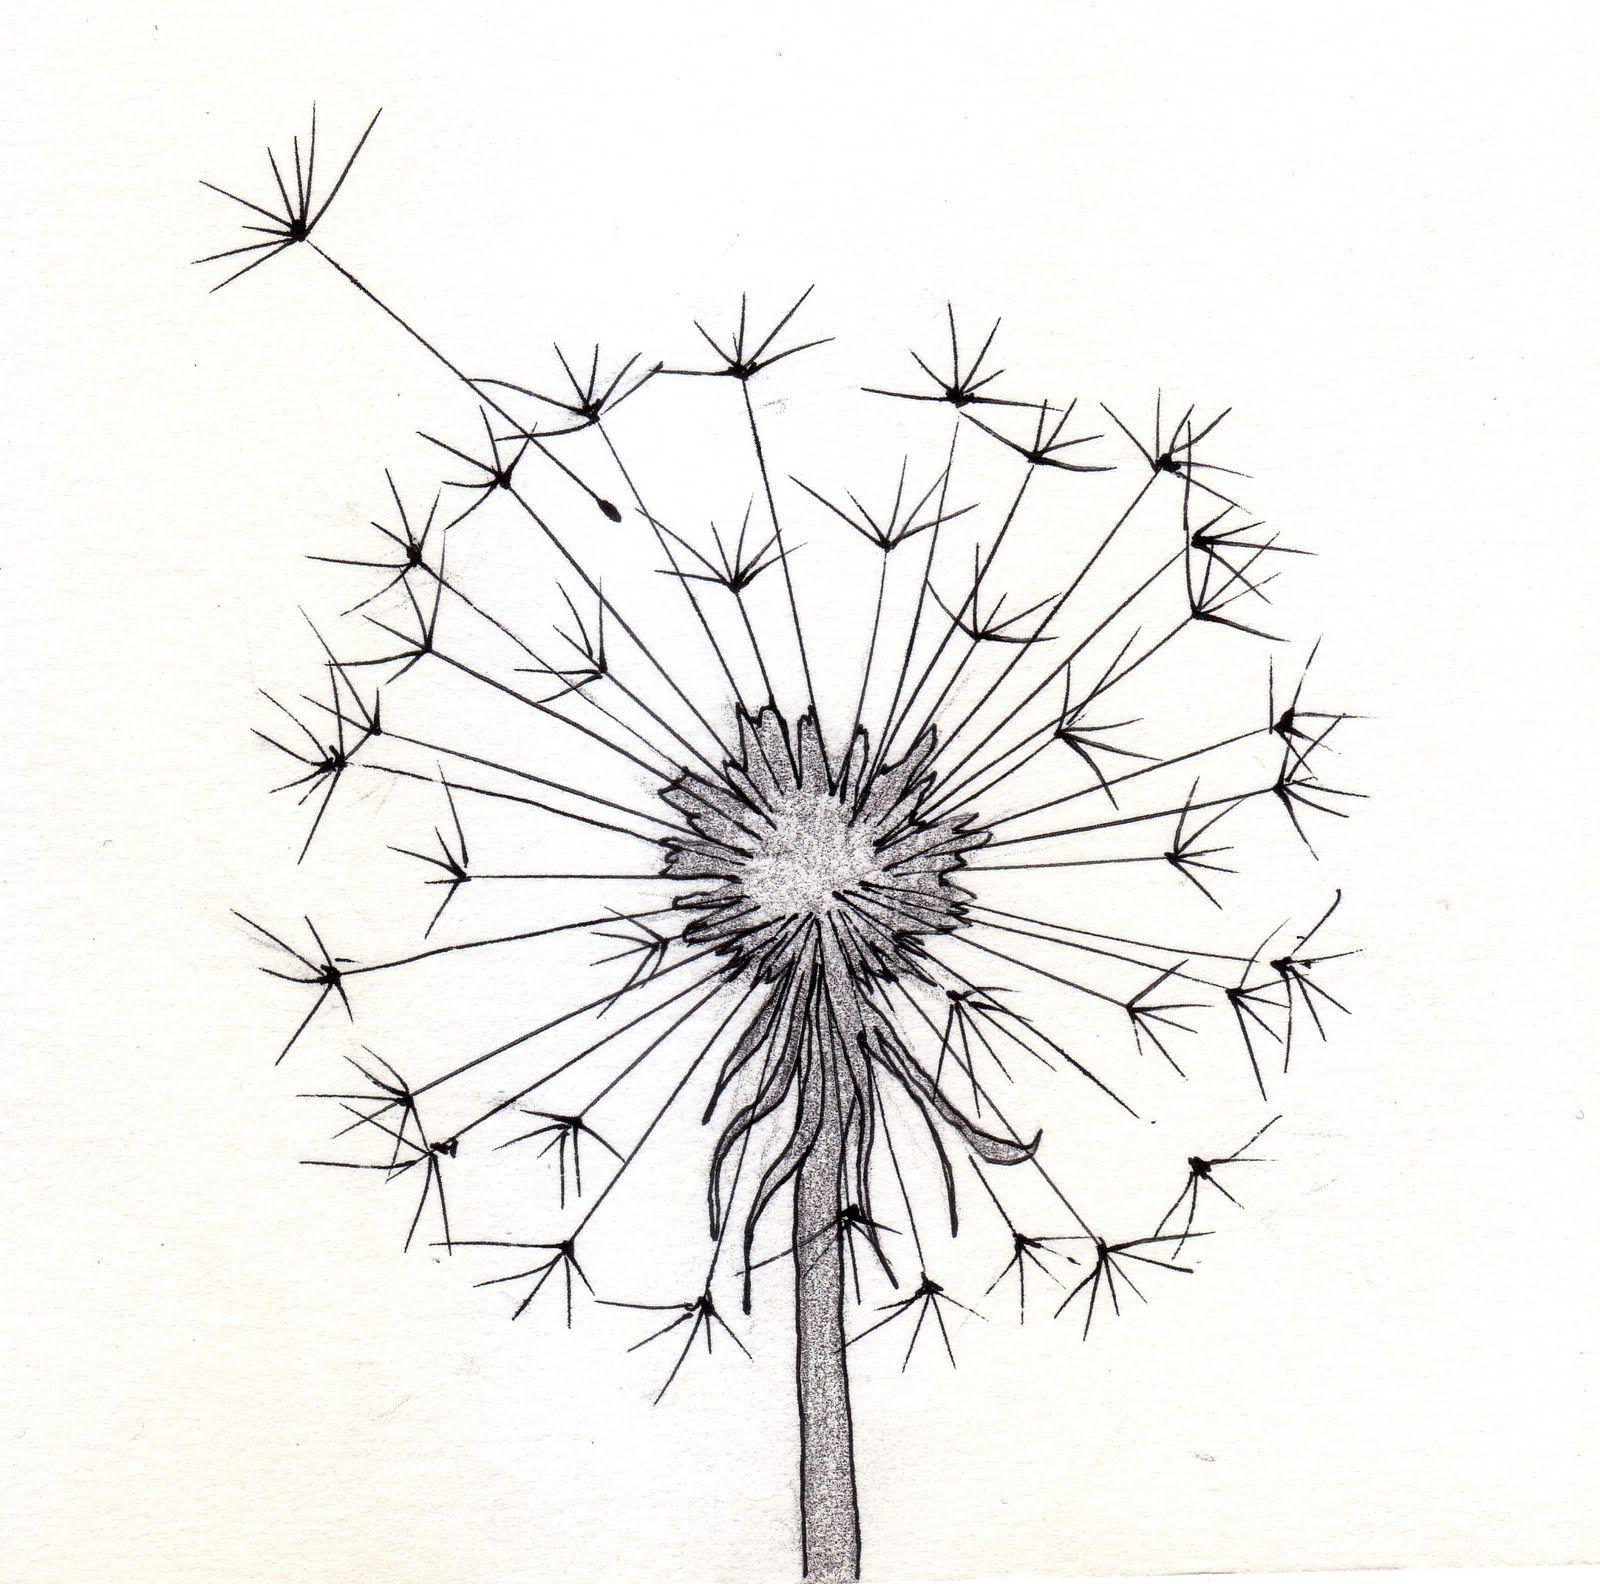 1600x1584 Dandelion Sketch 1